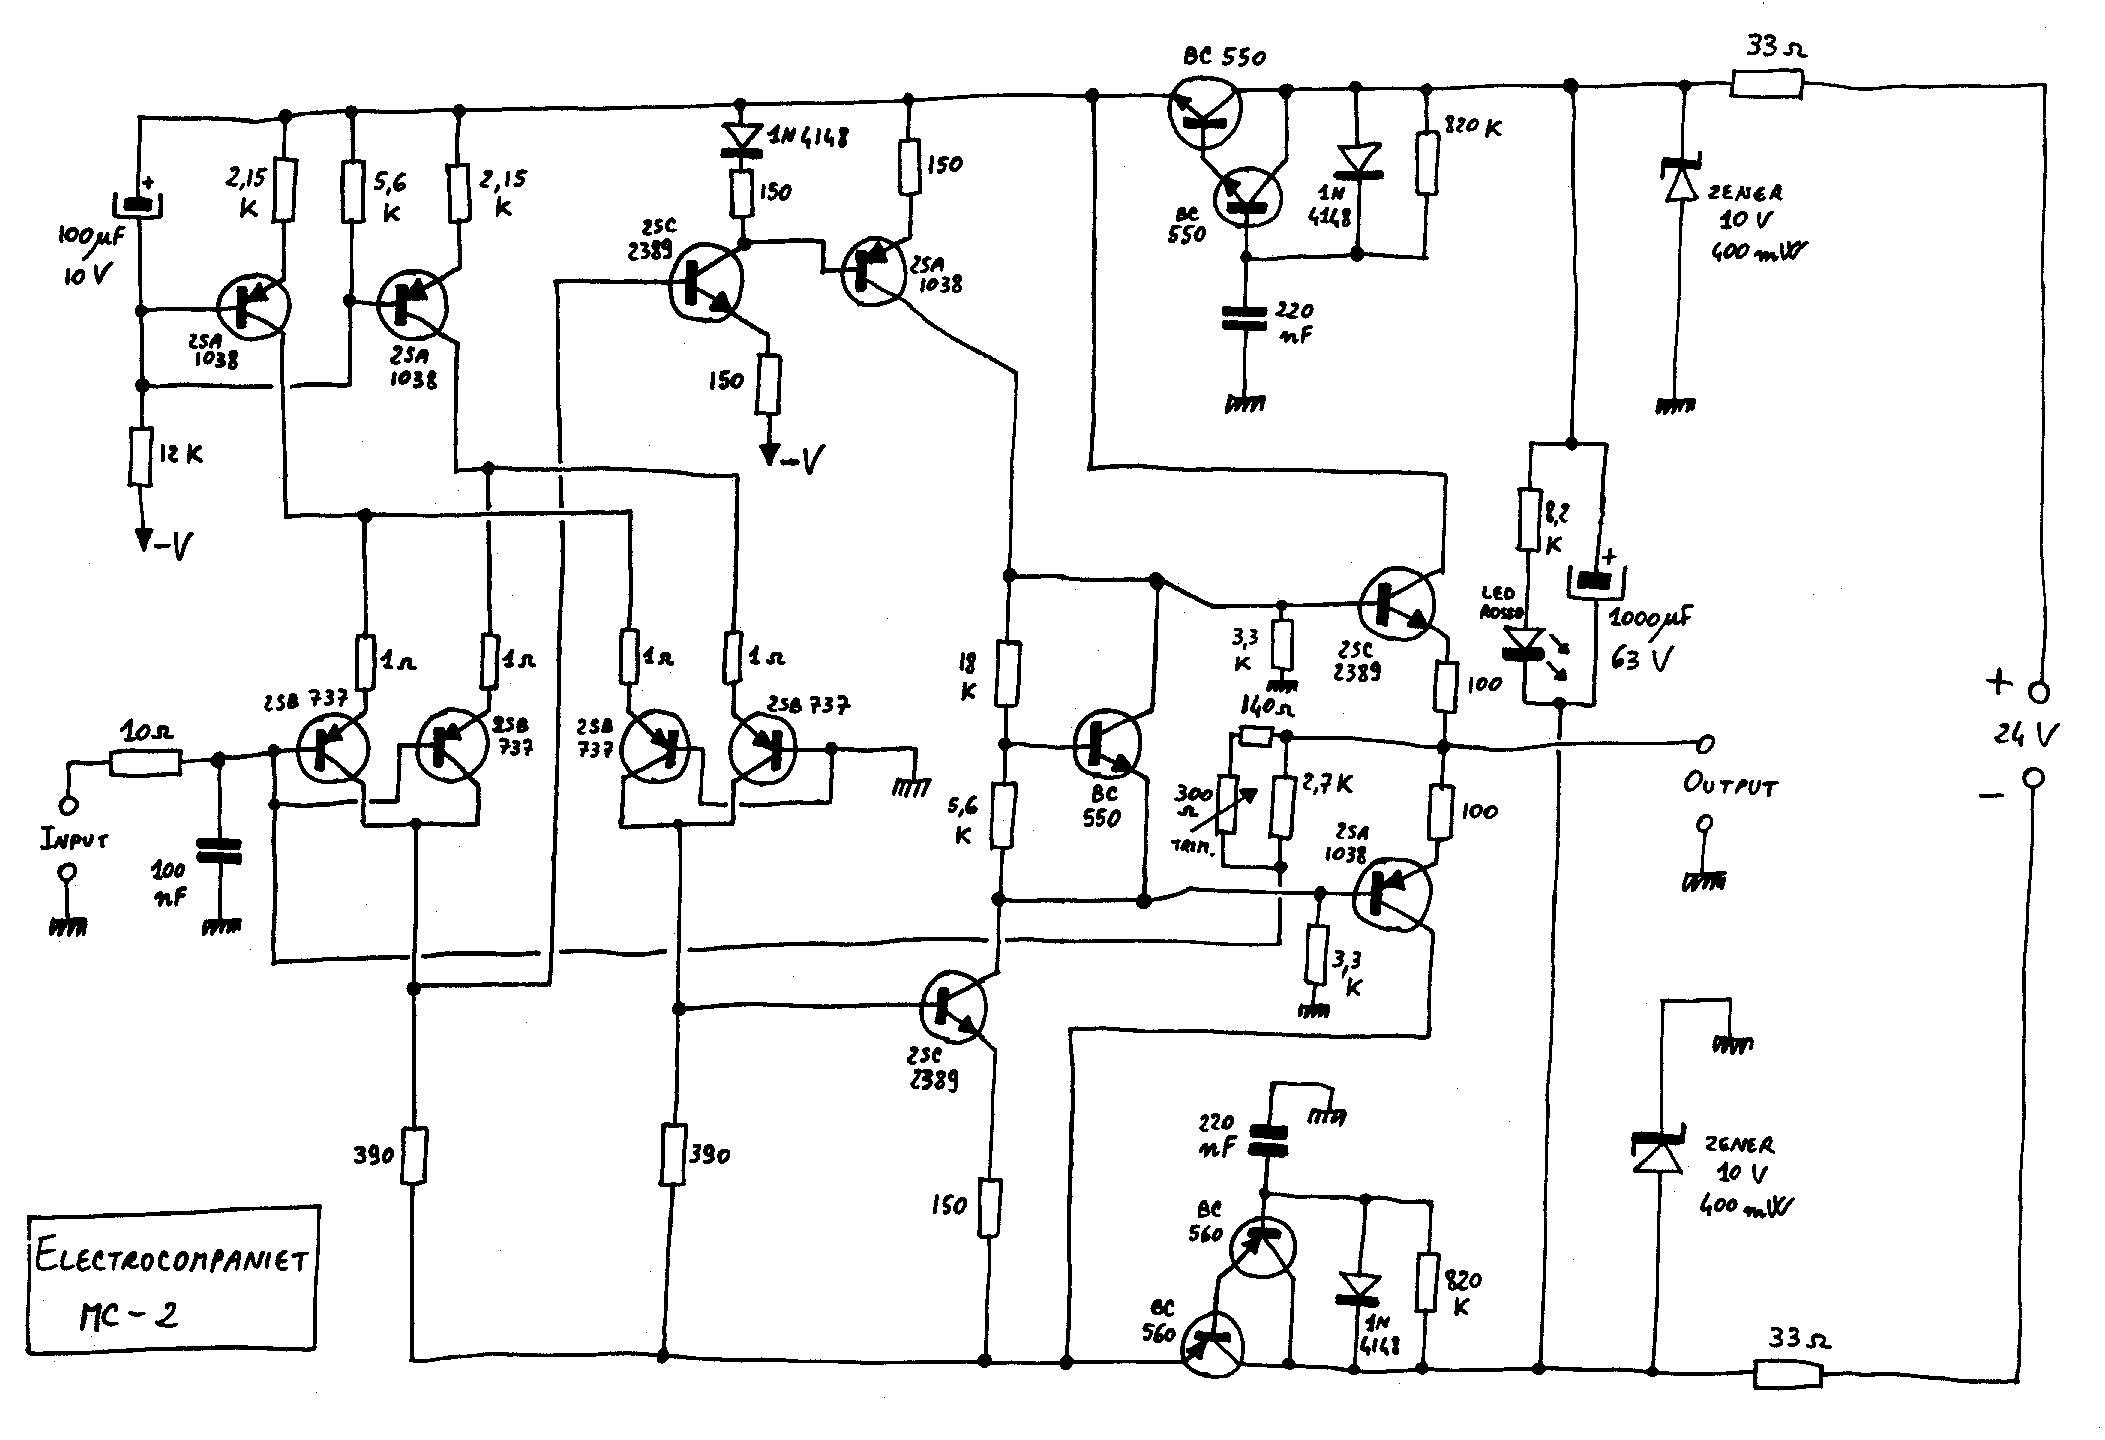 Electrocompaniet Pre Pre Phono Mc 2 Service Manual